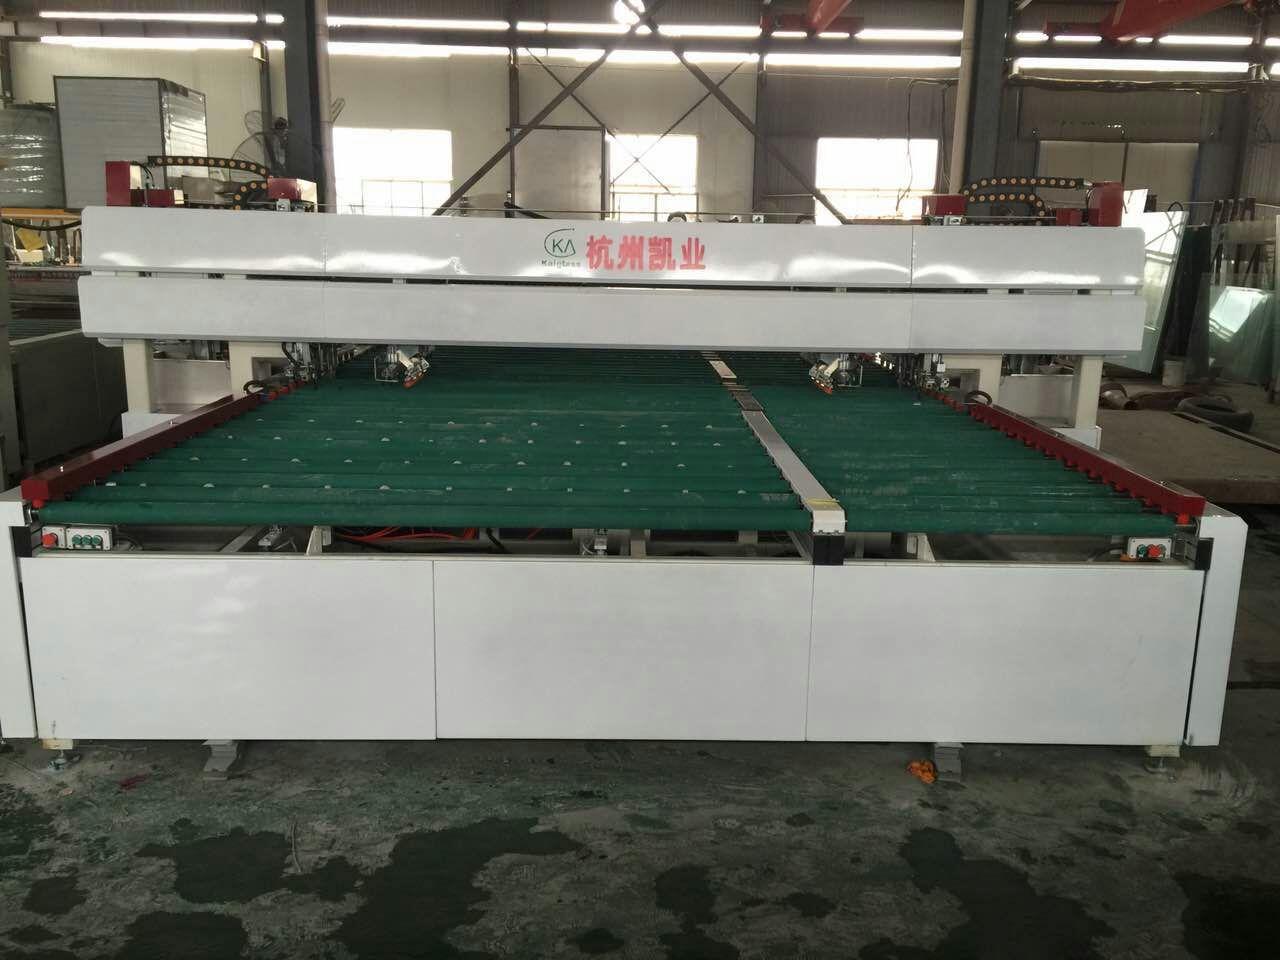 杭州凯业智能系统工程有限公司